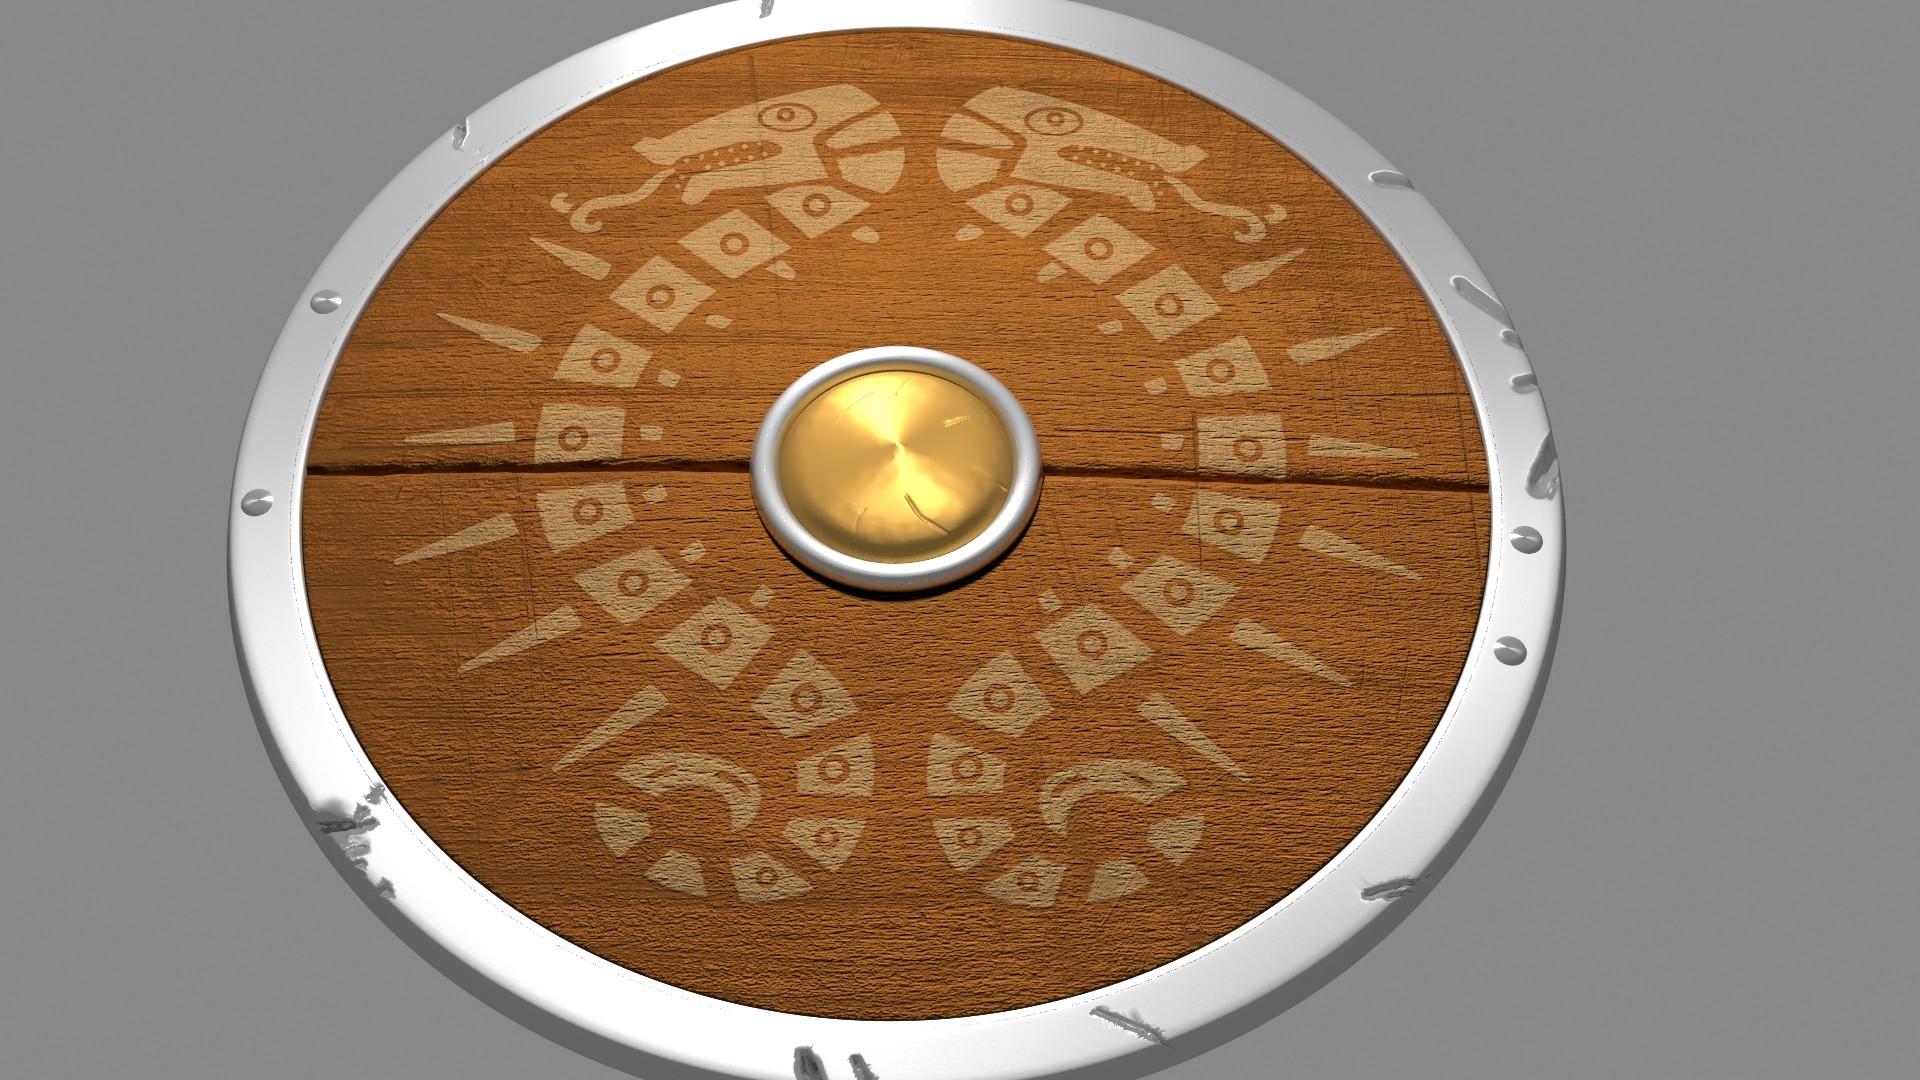 Zelda: link's new shield from BOTW